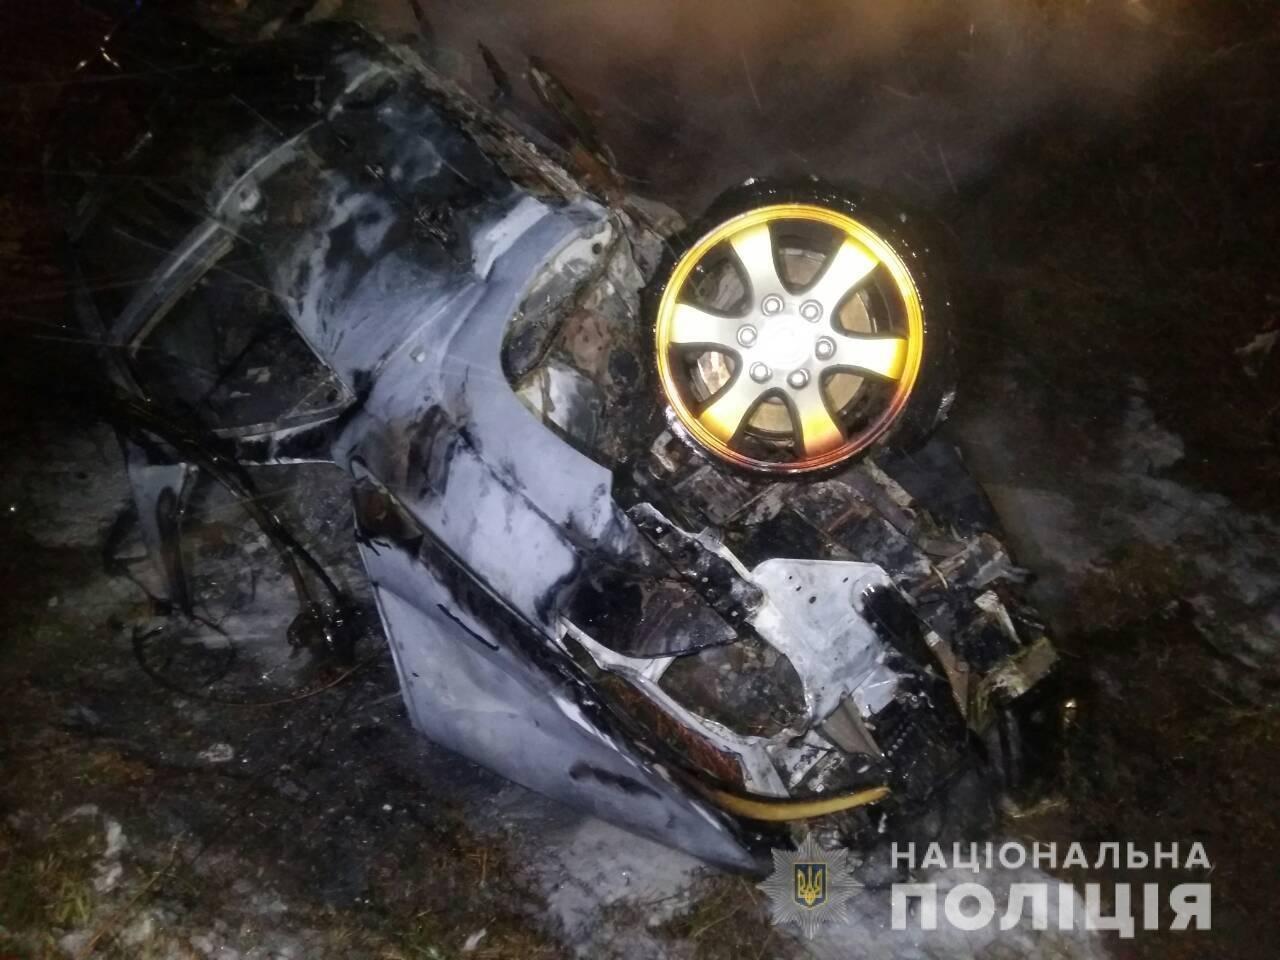 Появились фото смертельного ДТП под Мелитополем, фото-3